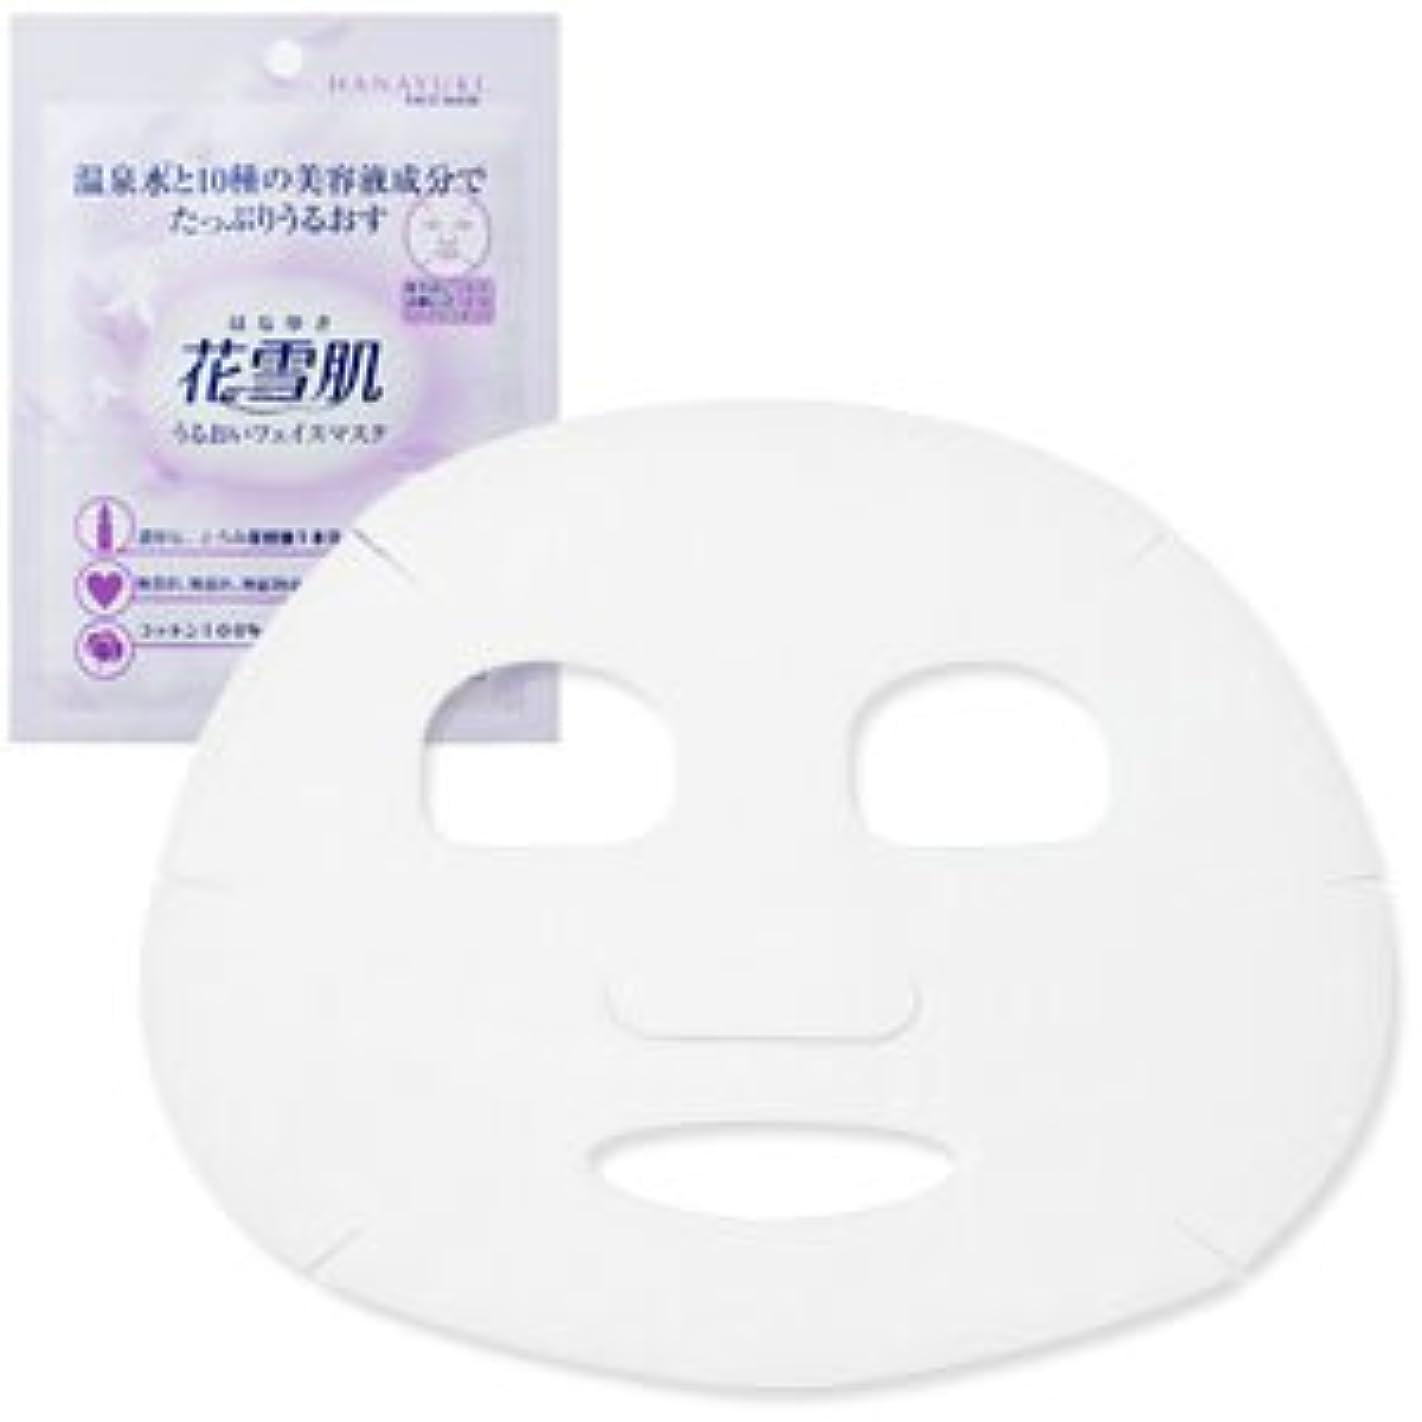 引き出し誘う長さ花雪肌 うるおいフェイスマスク 10枚セット [10種類の美容液成分を配合] ヒアルロン酸 コラーゲン フェイスパック